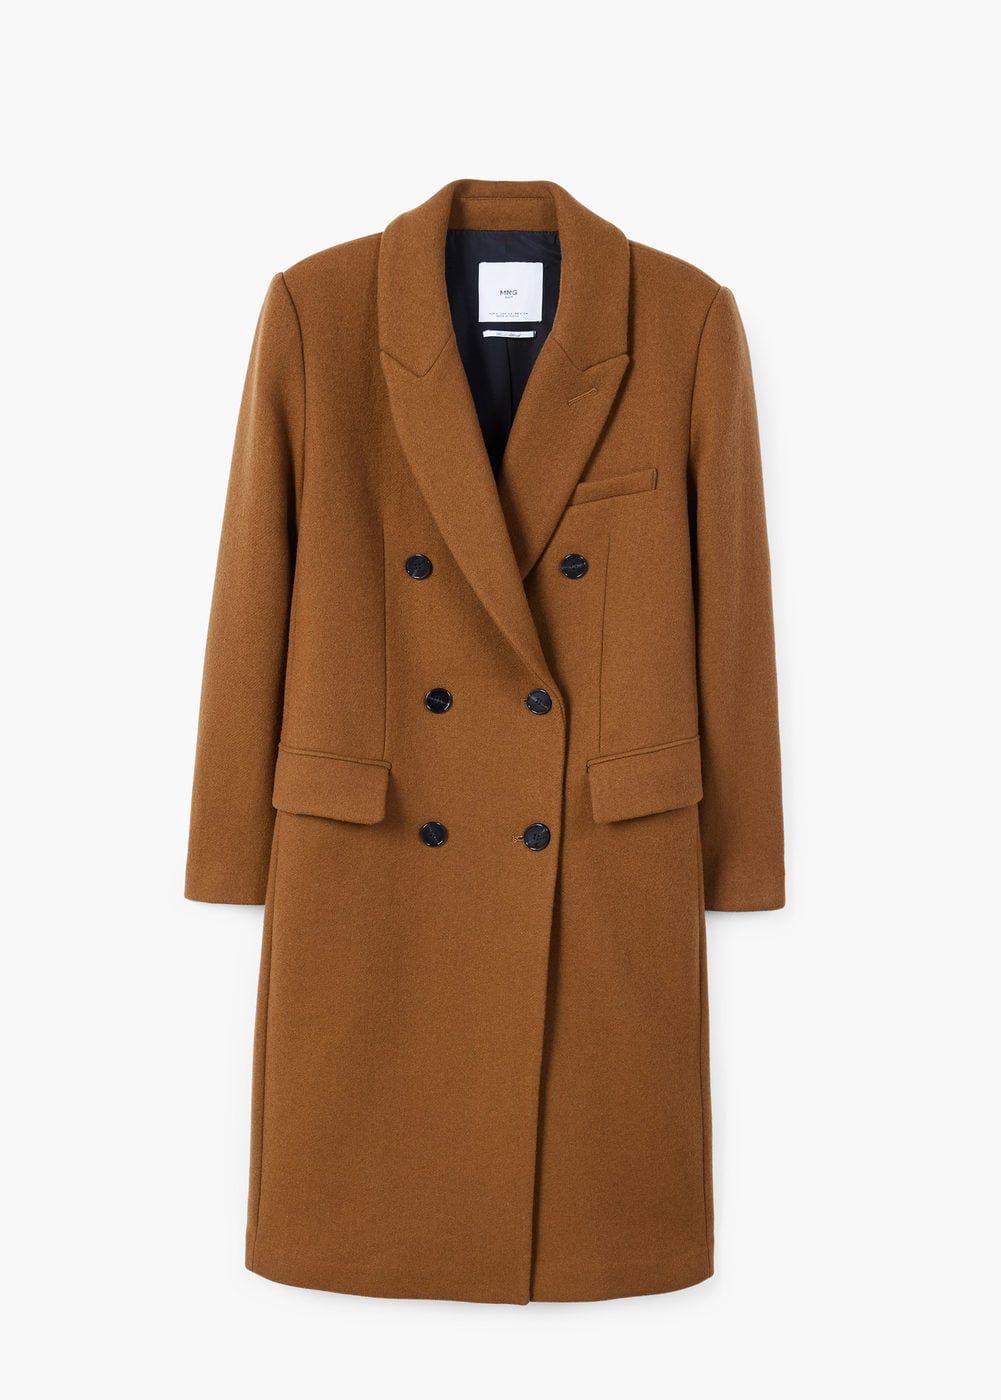 nueva colección última tecnología Tener cuidado de Abrigo lana solapas - Mujer | Coats | Abrigos invierno mujer ...